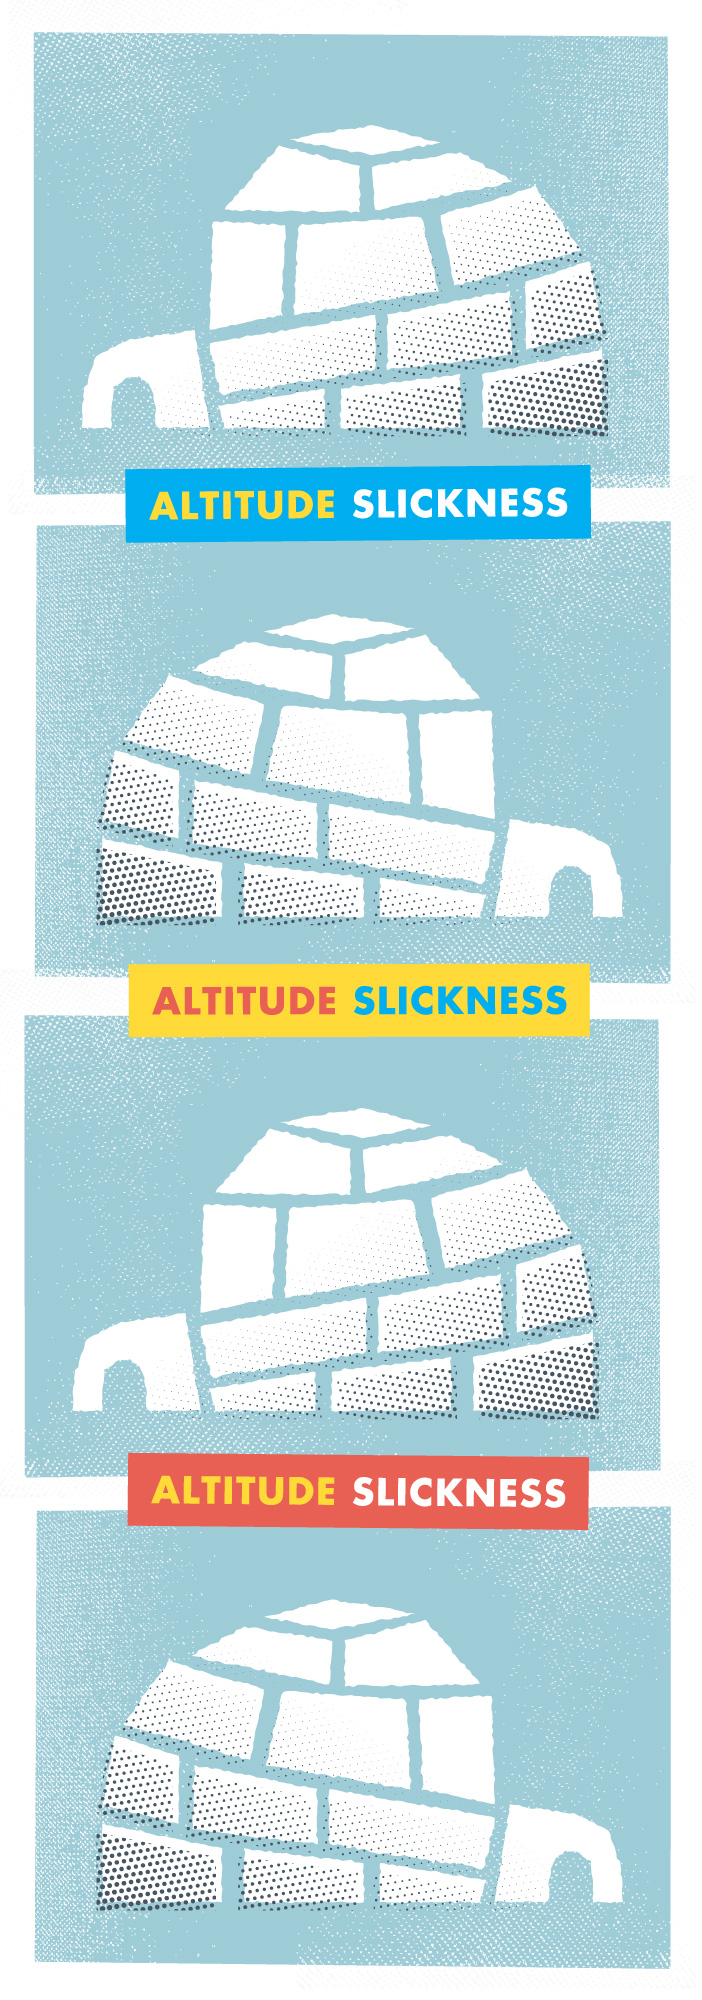 Altitude Slickness